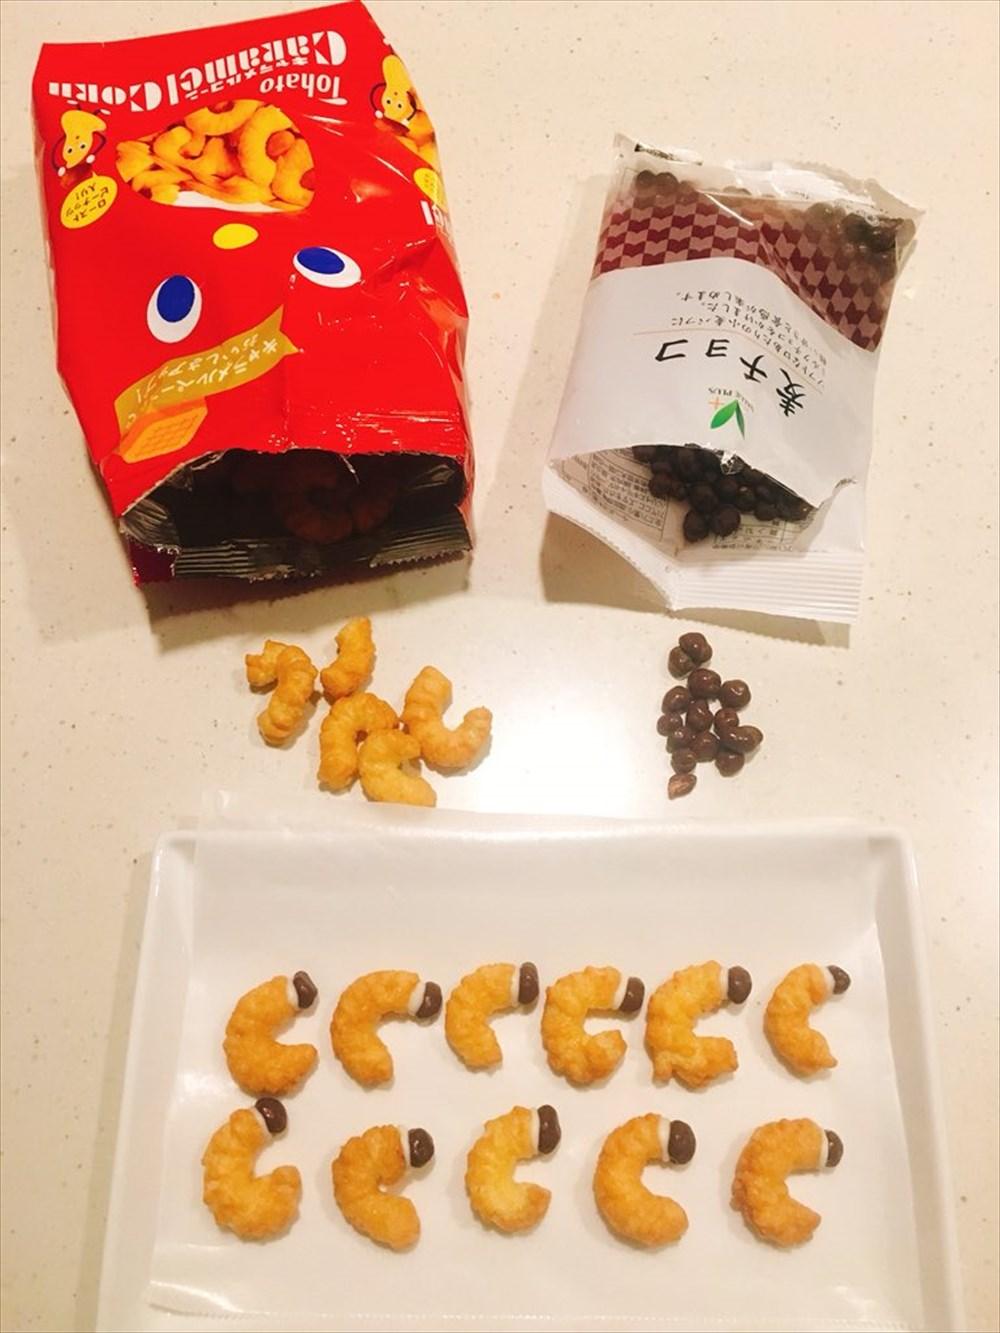 日本の義理チョコ文化を楽しもう!